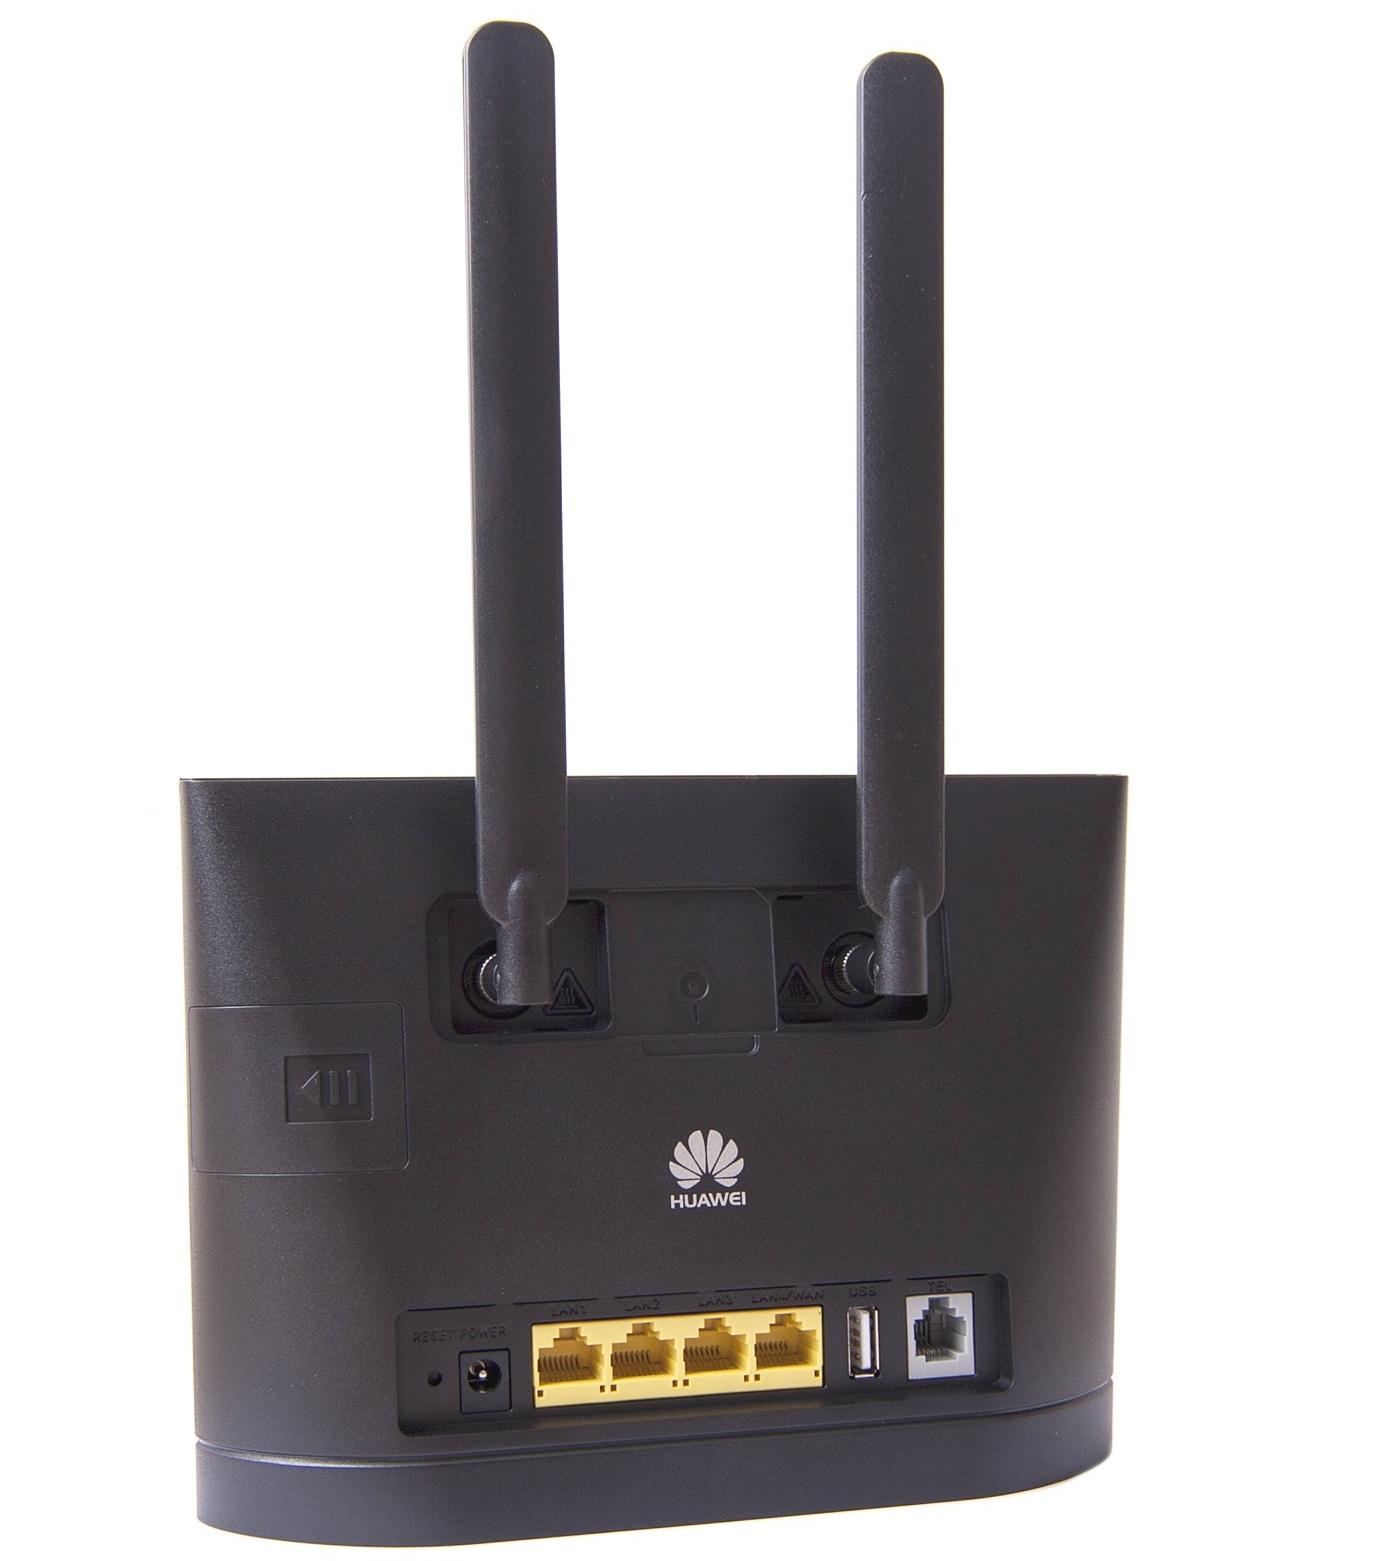 Blykstė Džentelmenas Draugiškas Drausmės Huawei B315s 22 Antena Yenanchen Com